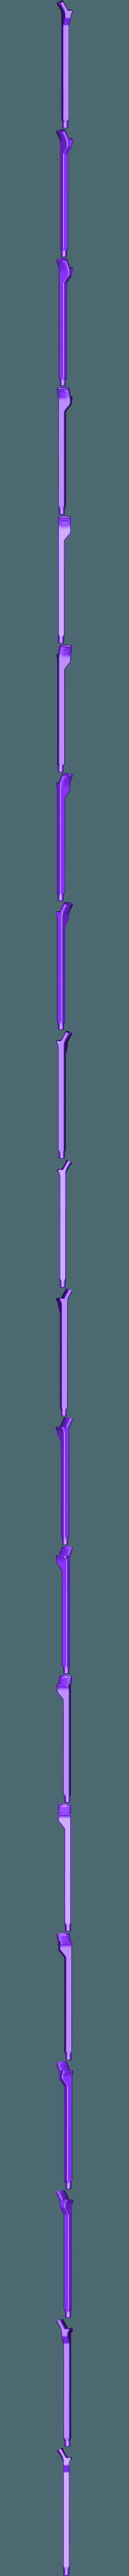 Remote_Pipe.stl Télécharger fichier STL gratuit Vapemobile : Voiture jouet pneumatique • Modèle pour imprimante 3D, Slava_Z